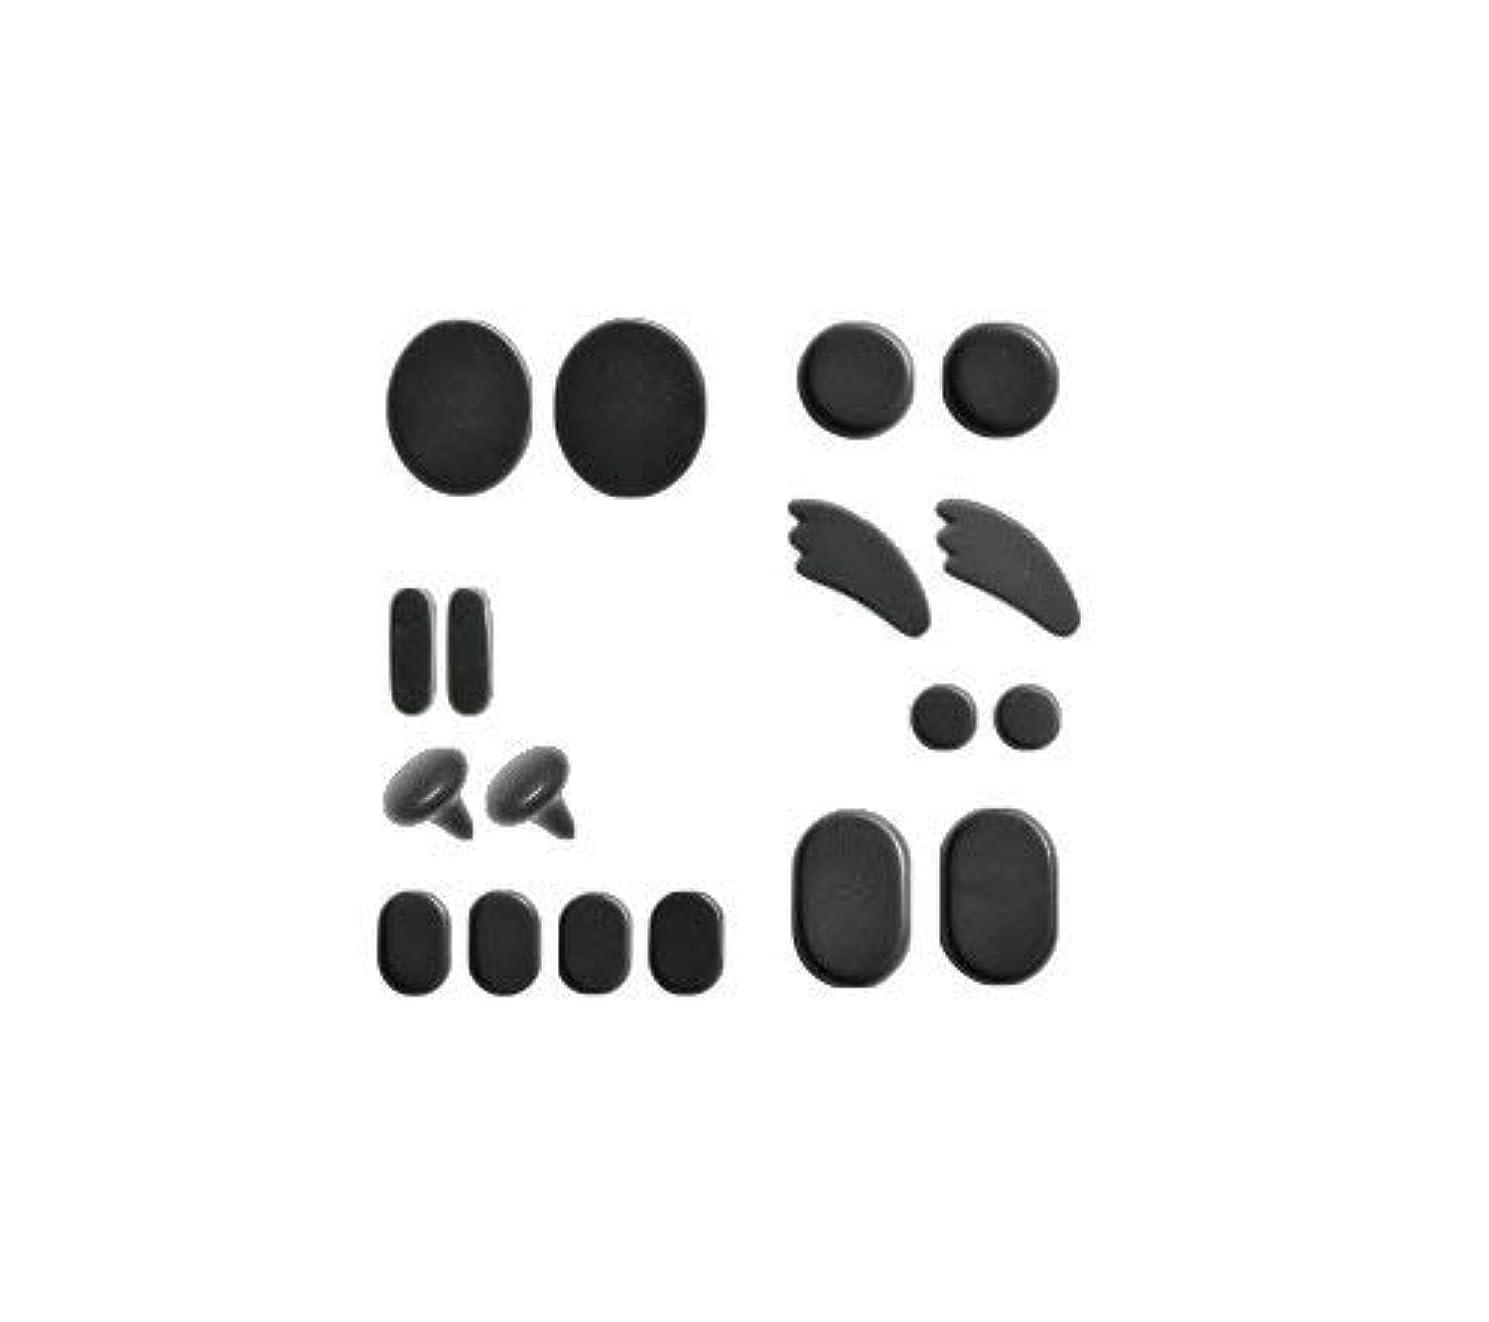 理想的満員動的ホットストーン フェイシャルセット 成形 玄武岩 フォンタナ [ ホット ストーン ストーンヒーター スパ ロミロミ ハワイ ハワイアン マッサージ ]